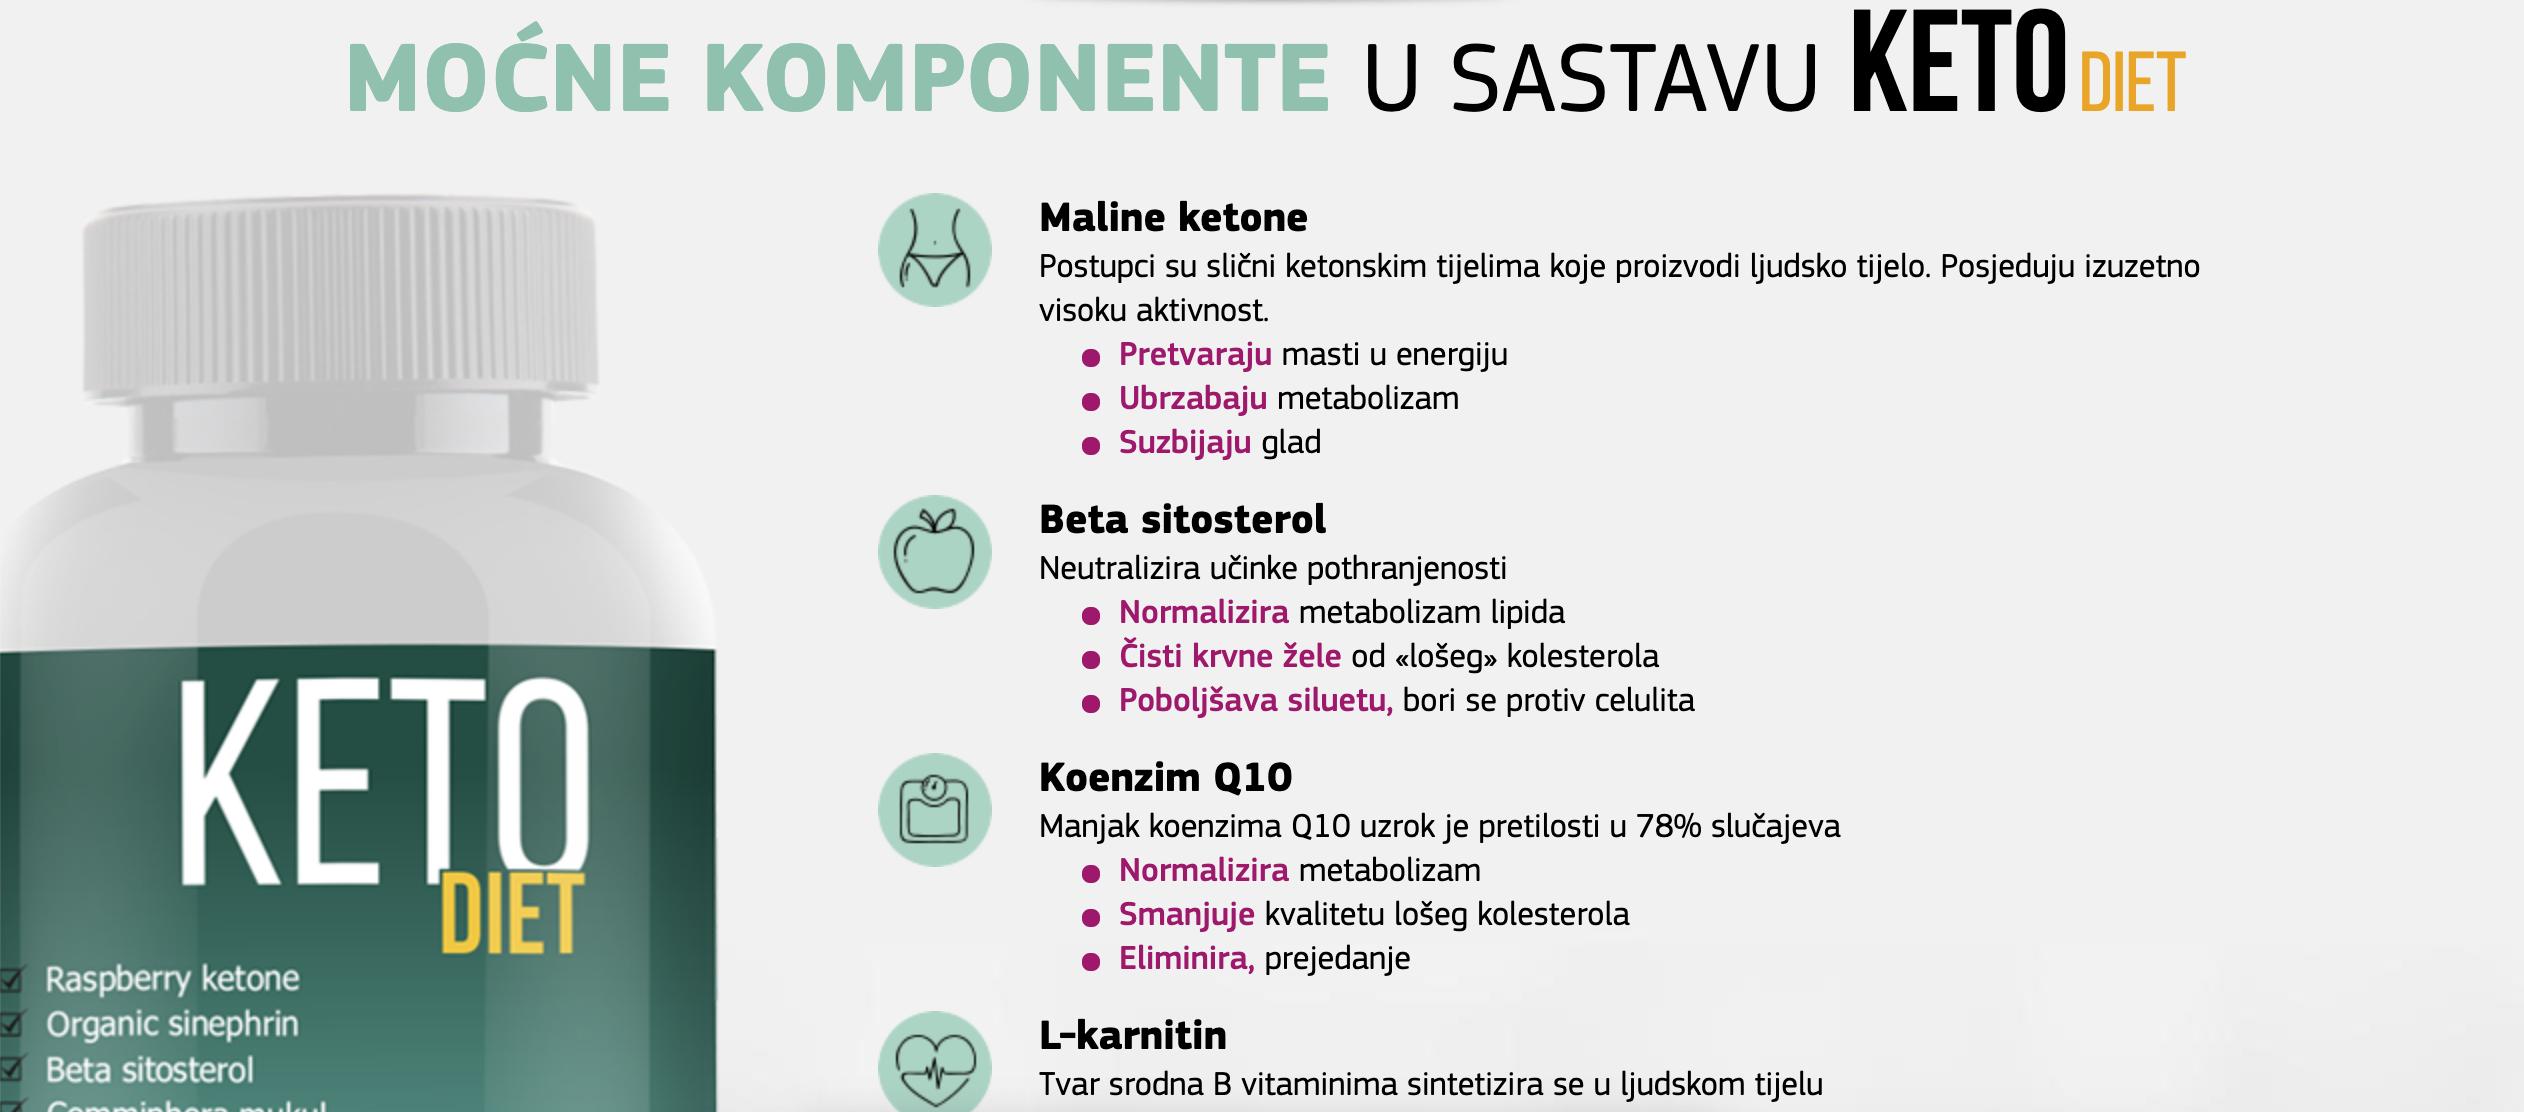 keto-diet-promocija